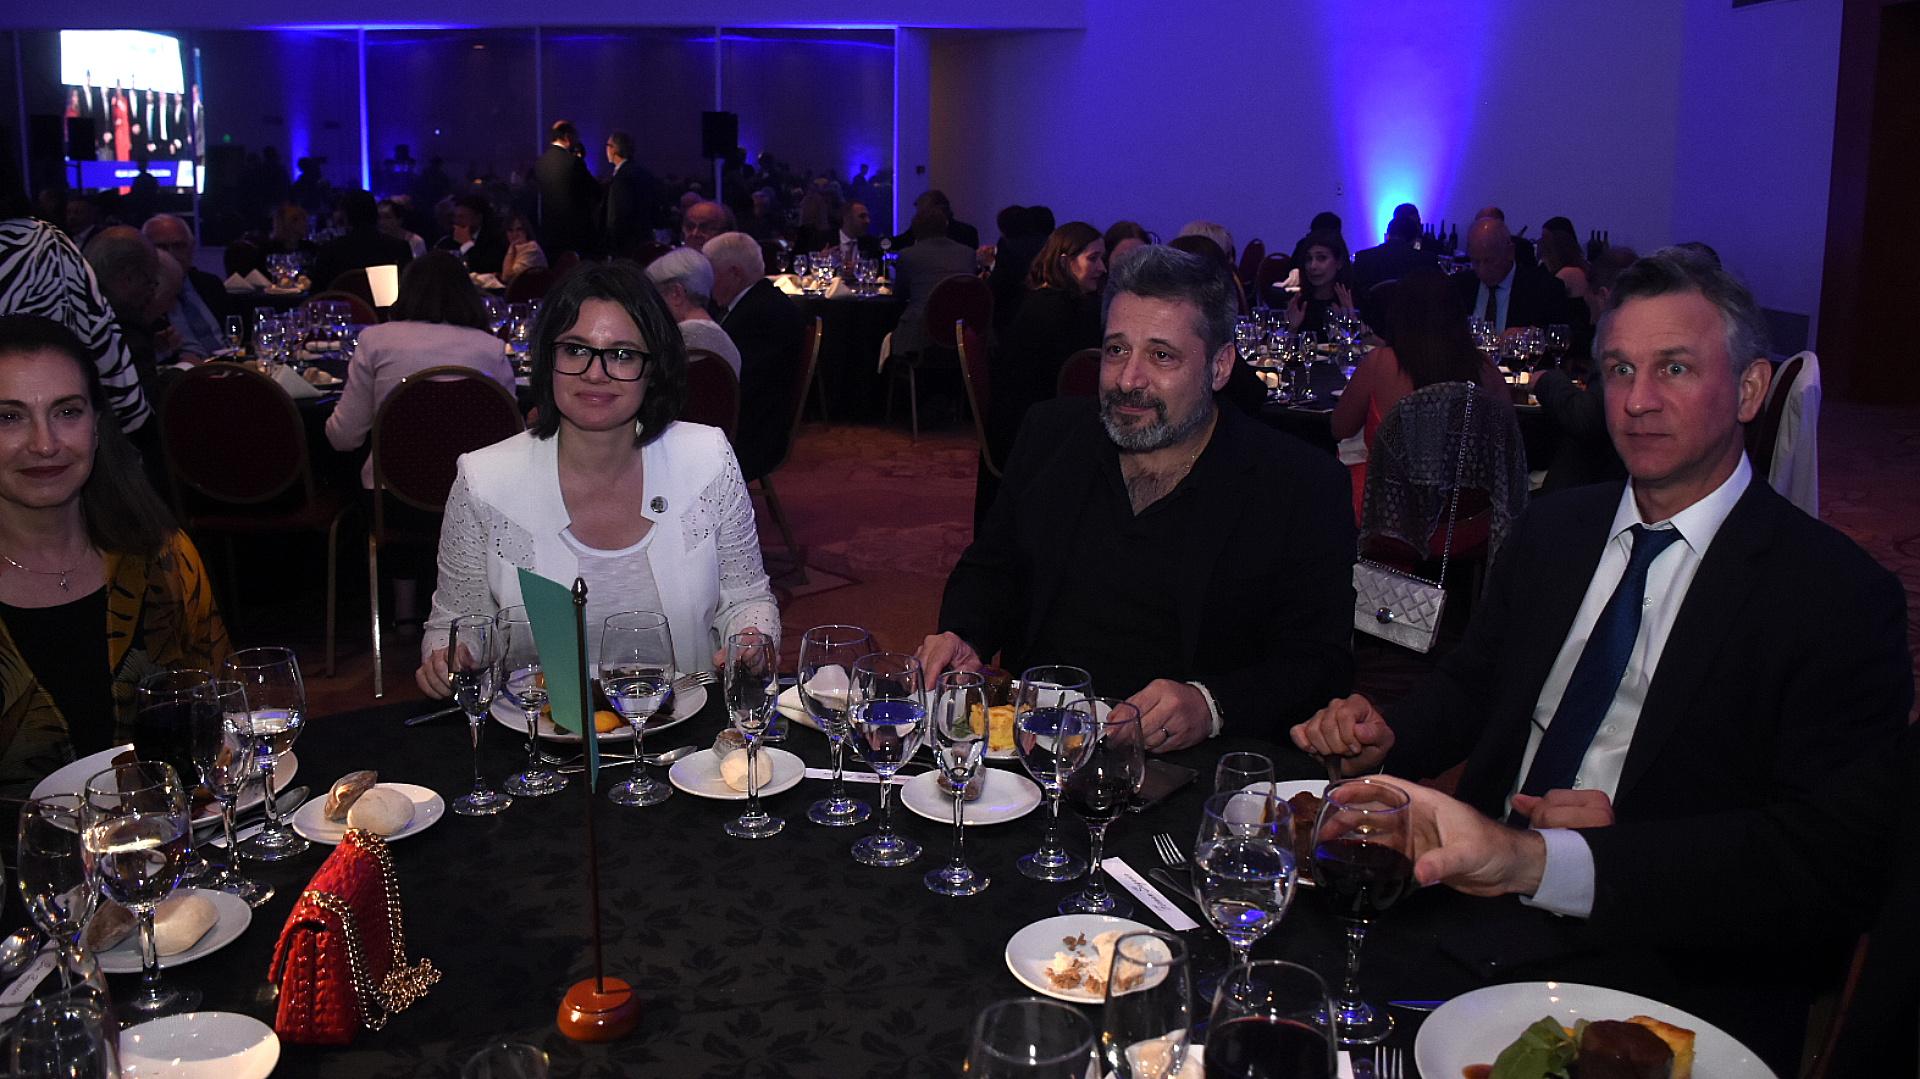 La periodista Gisela Marziotta, Víctor Santa María (Editor General de Grupo Octubre) y el periodista Fernán Saguier